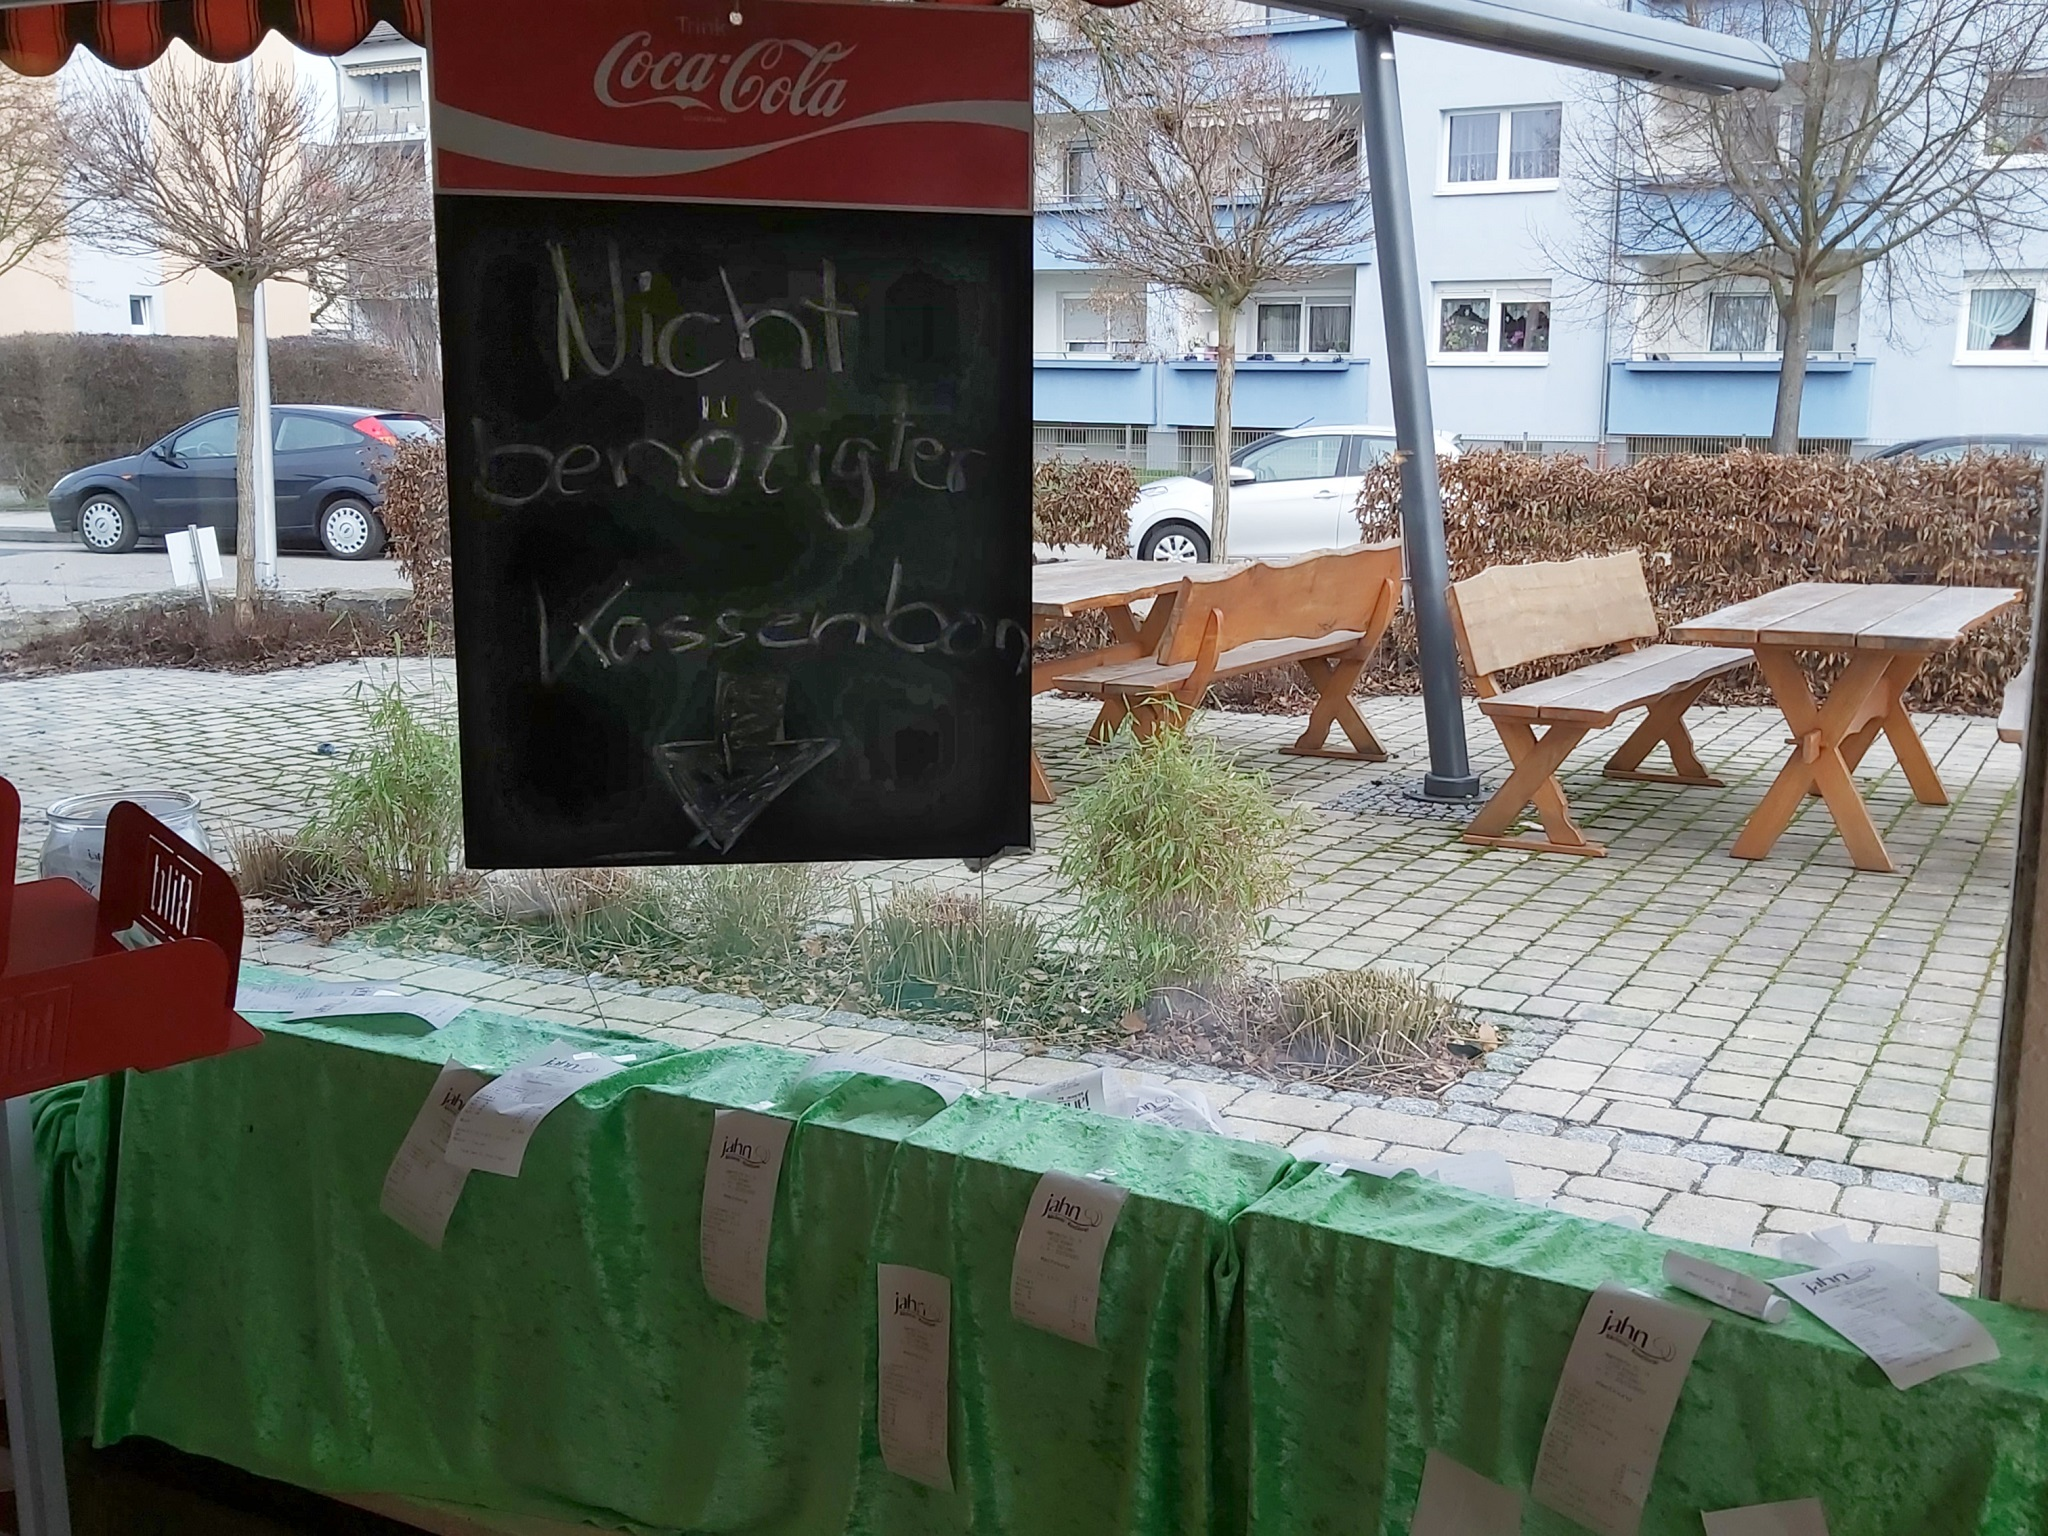 Bäckerei Jahn Ansbach, Bonpflicht, Kassenzettel, Schaufenster. Foto: Bettina Bocskai